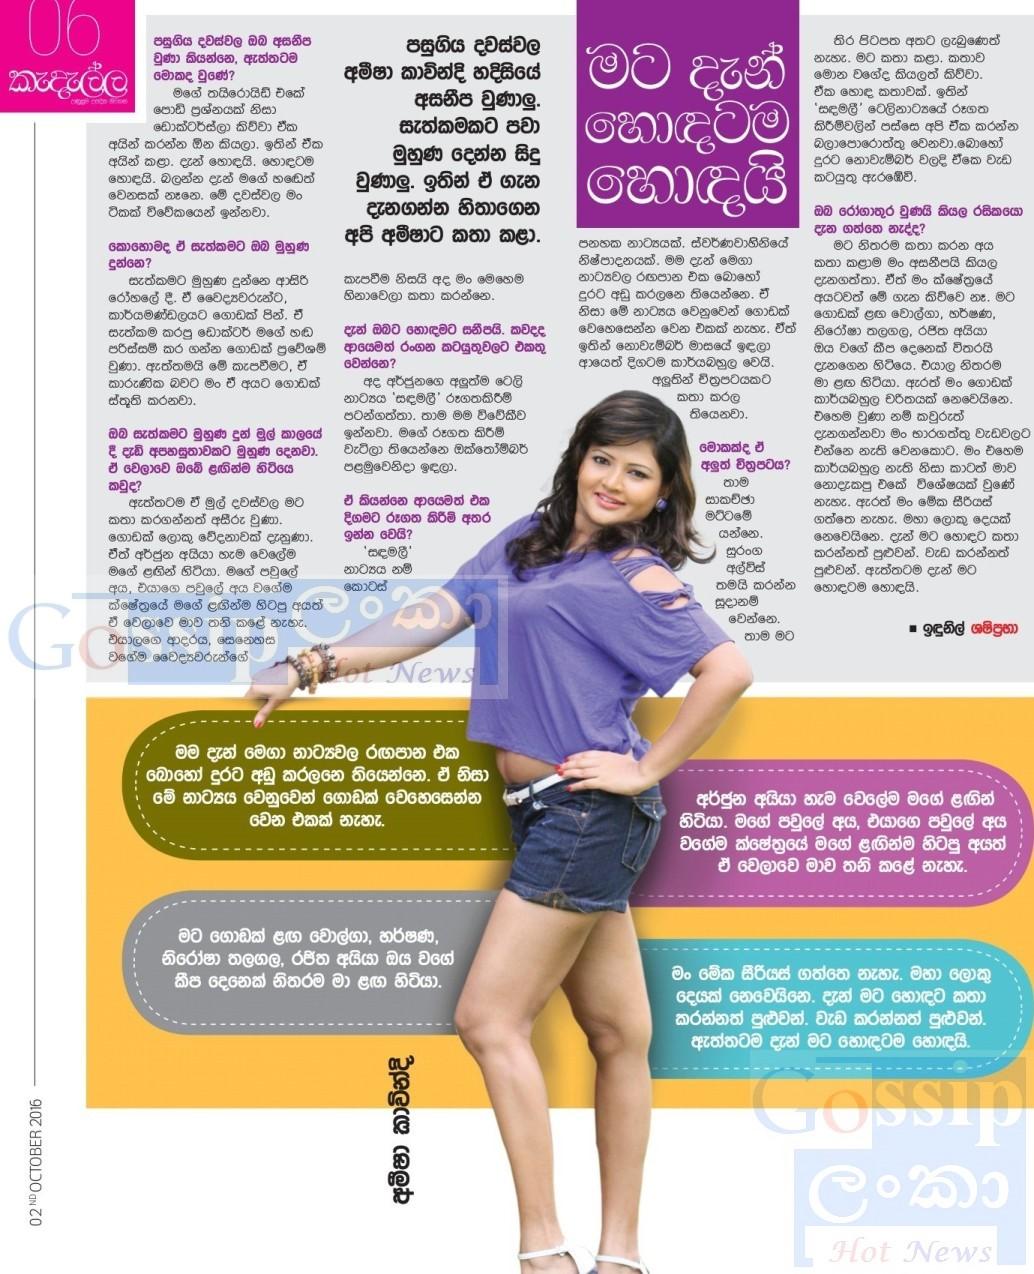 Chat with Arjun Kamalanath and Amisha Kavindi